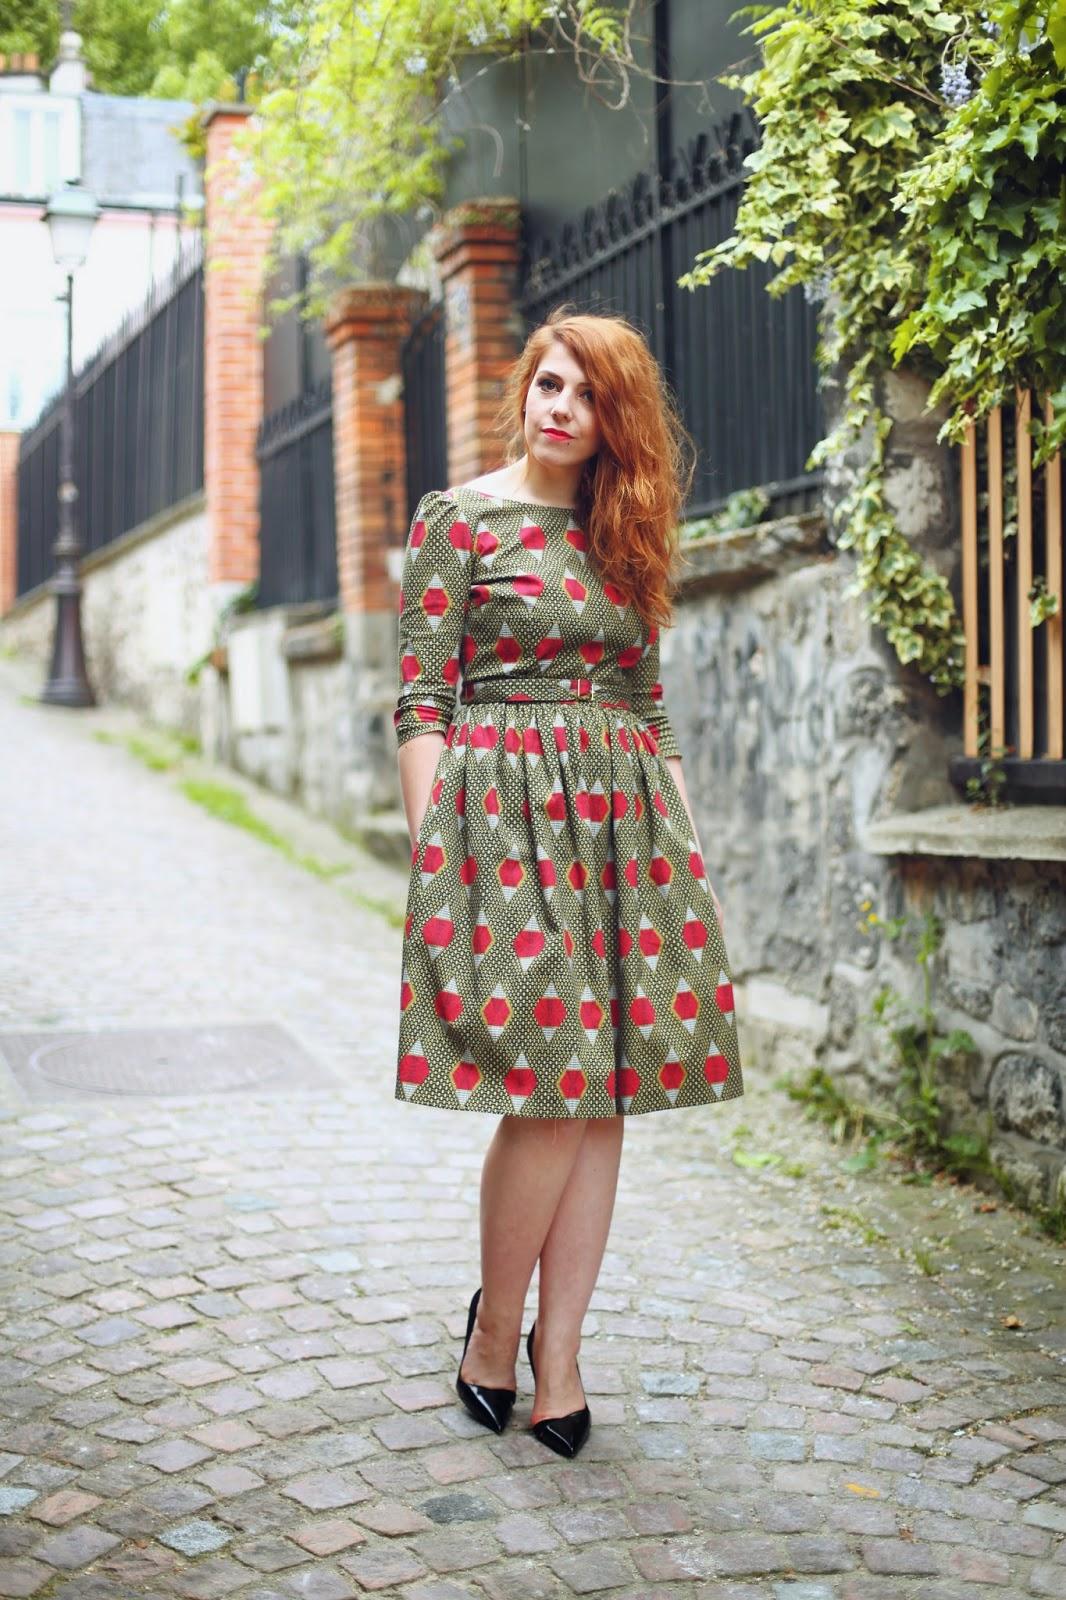 marilyn feltz, creteur français, mode rétro, mode vintage, mode année 50